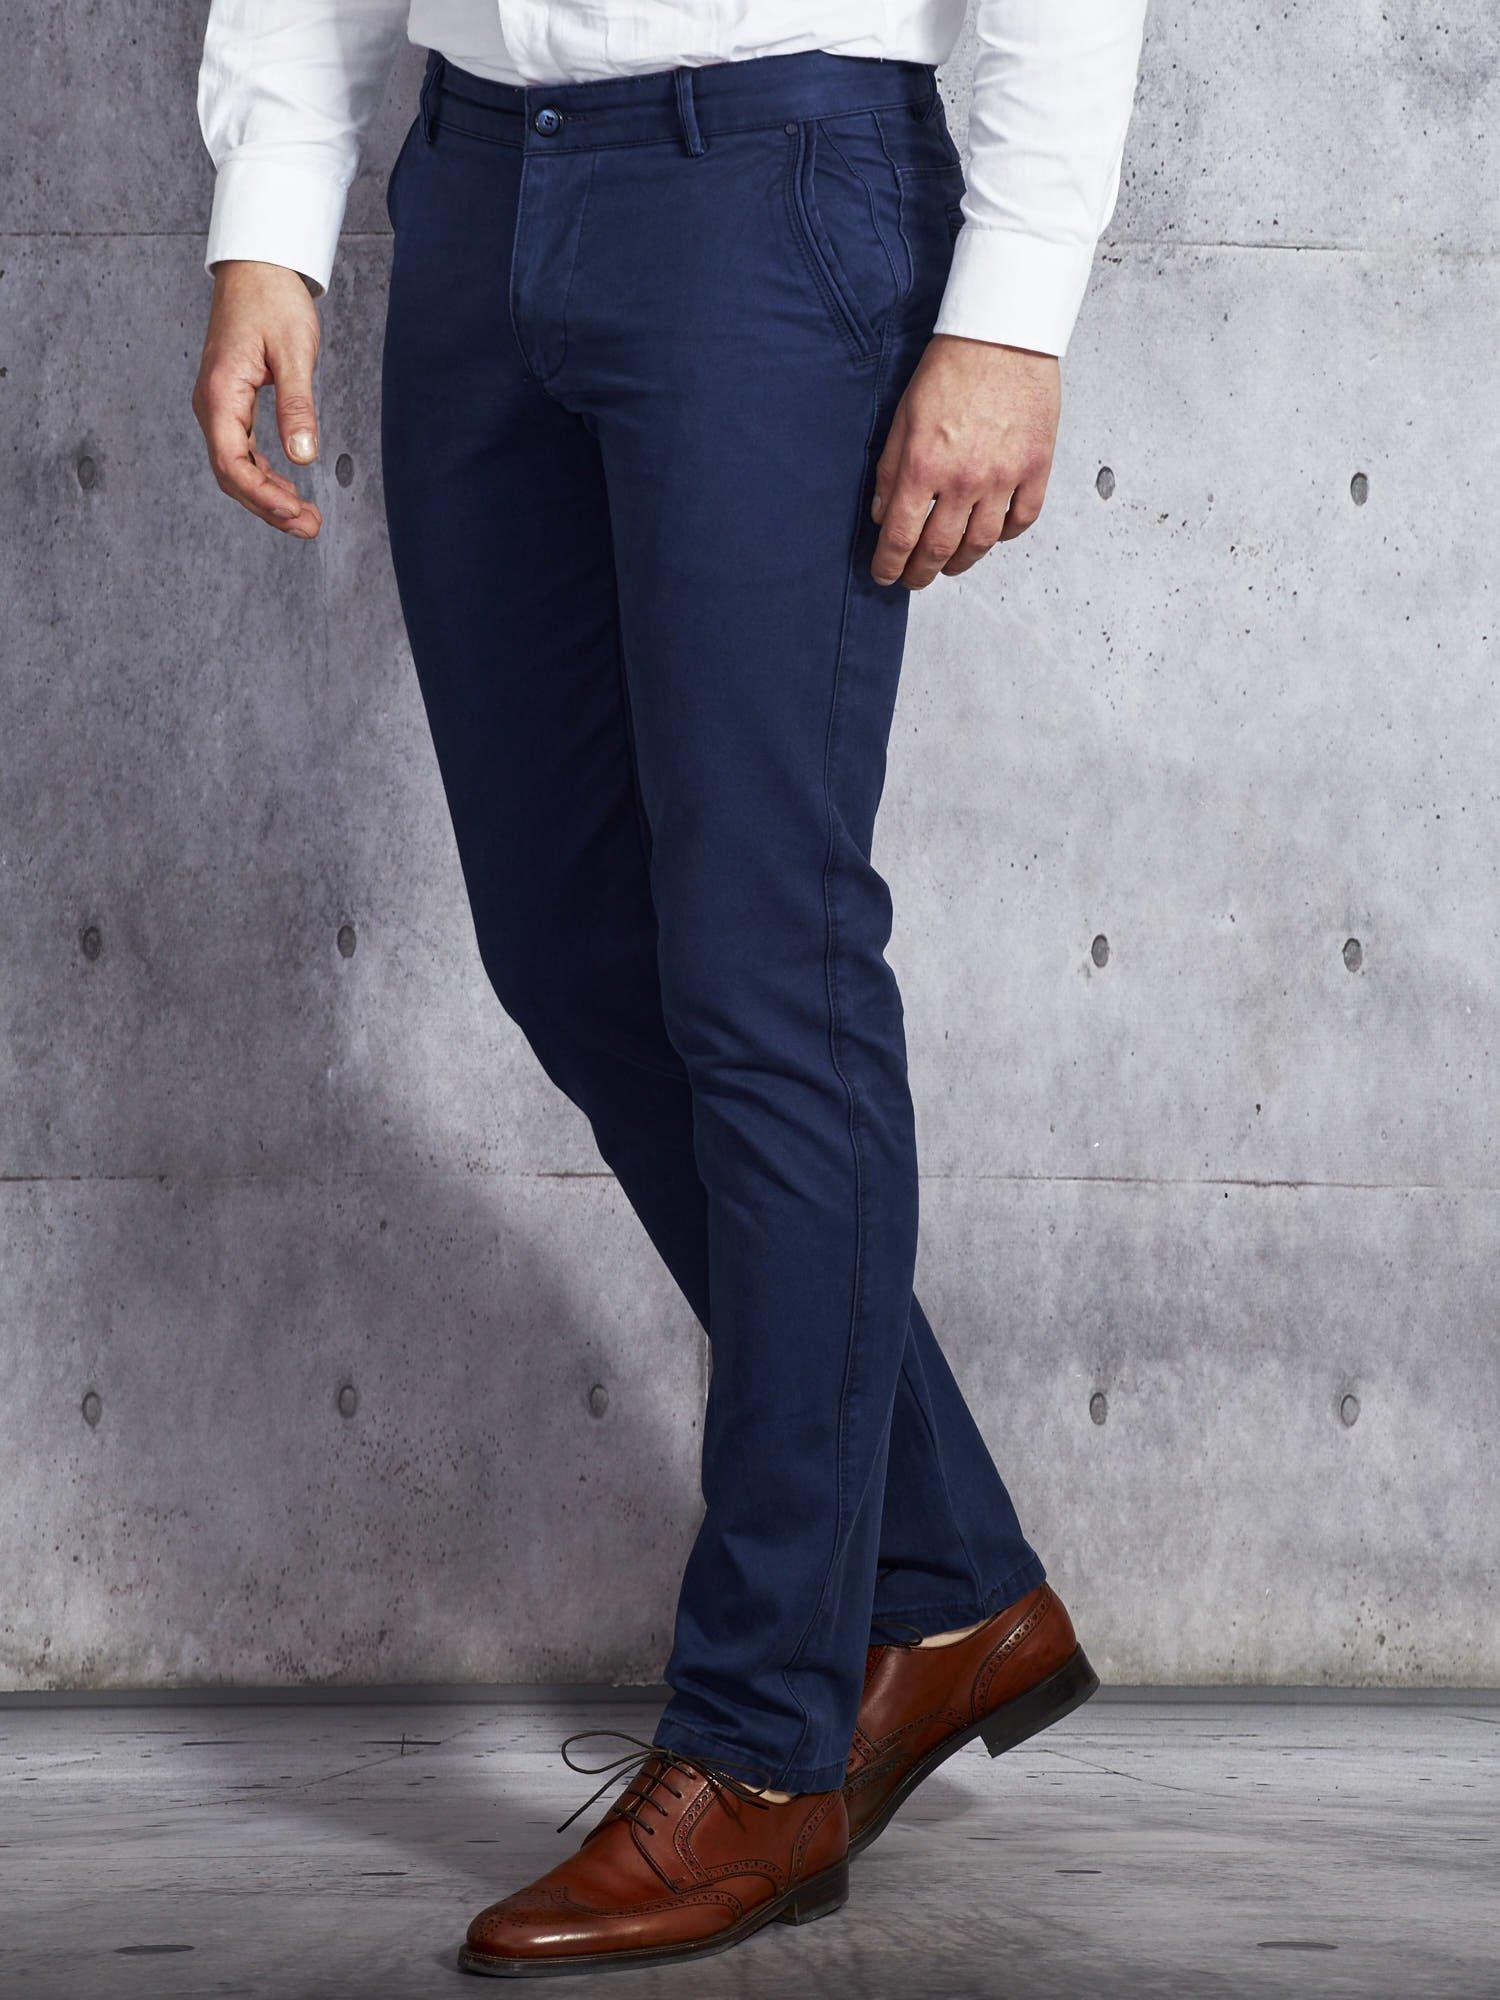 3b29aa47e5122 Granatowe spodnie męskie o prostym kroju - Mężczyźni Spodnie z ...